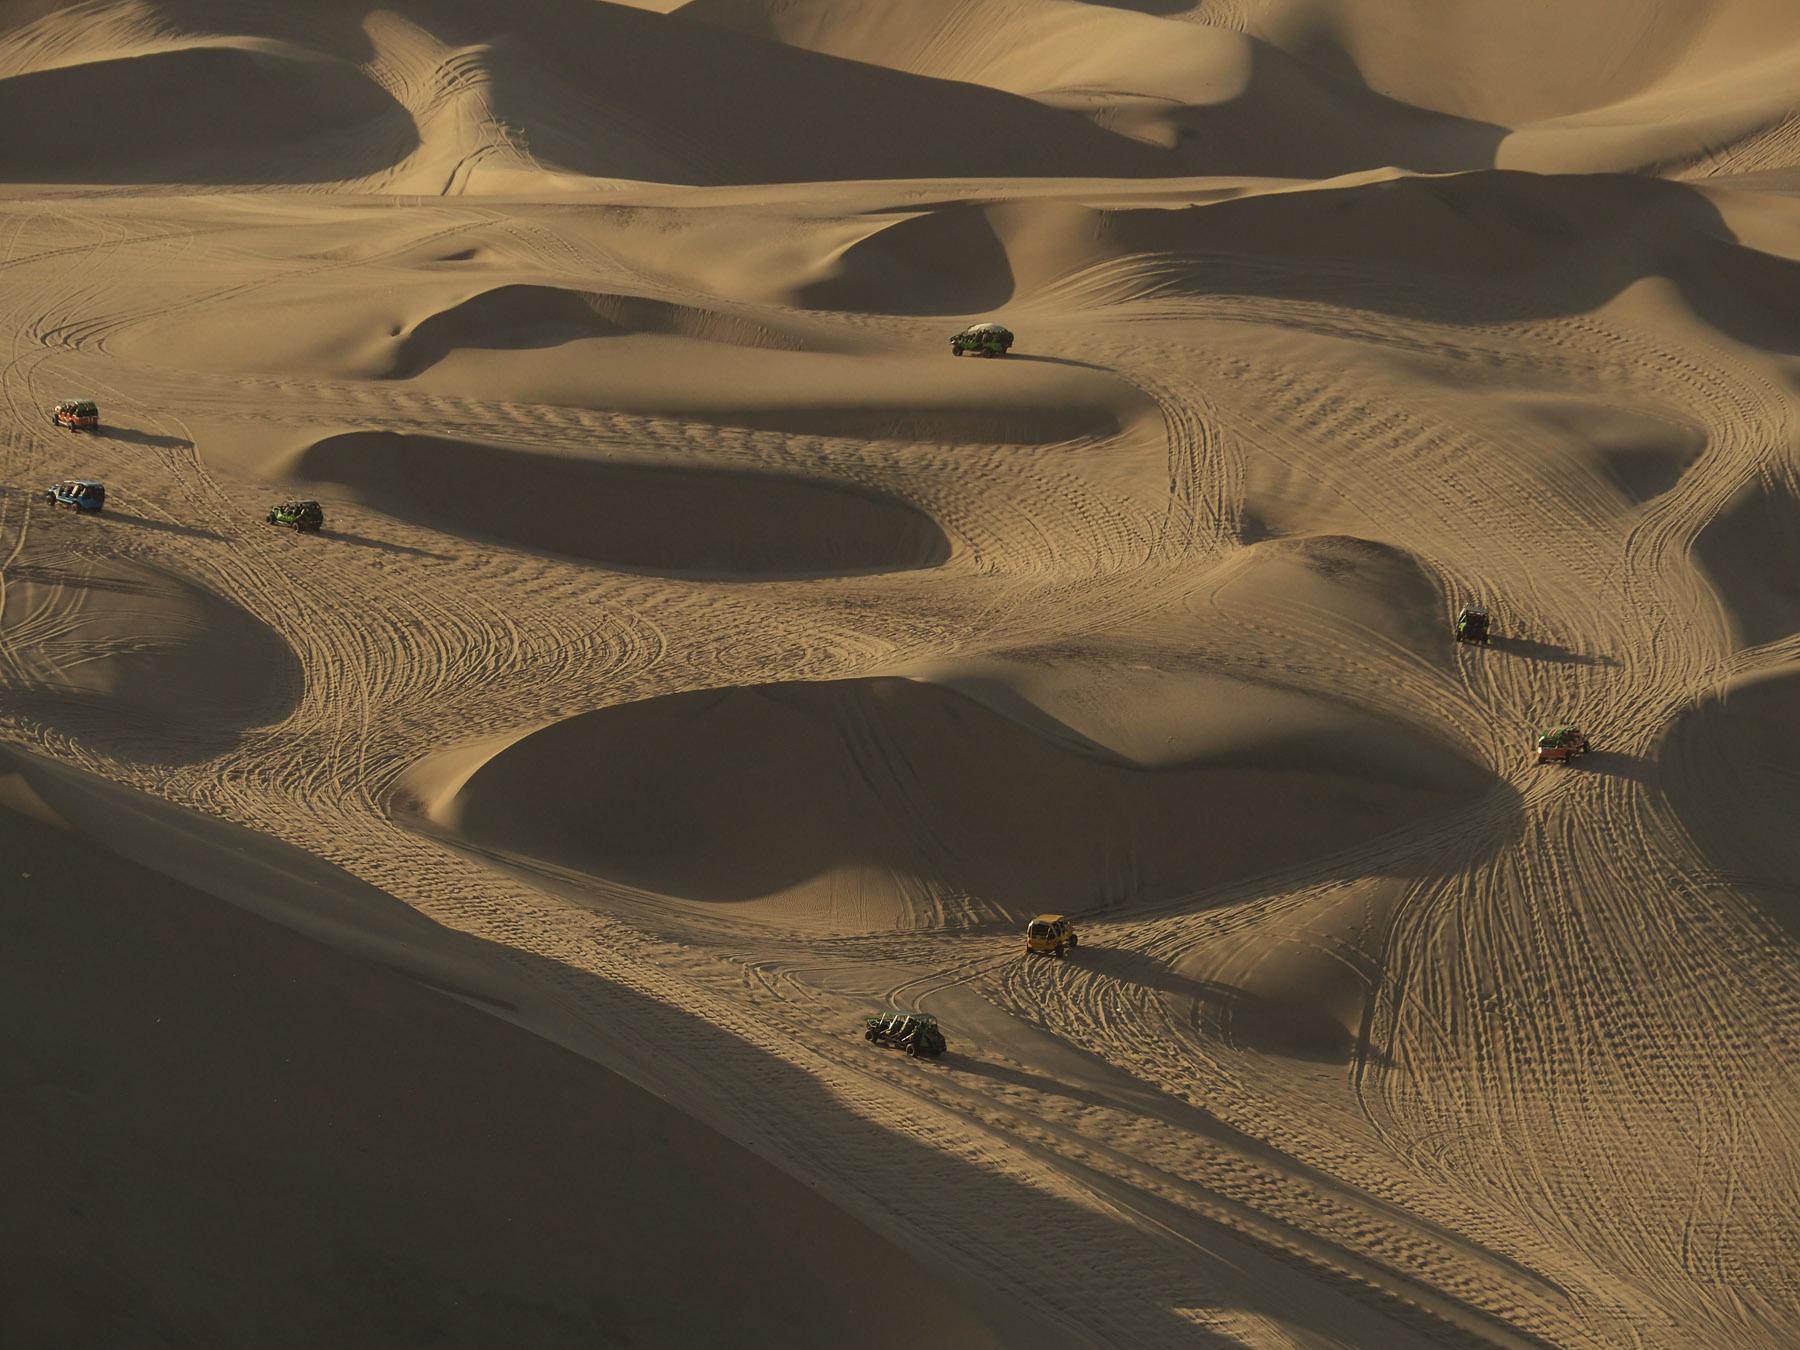 Dünenbuggies röhren durch den Sandkasten